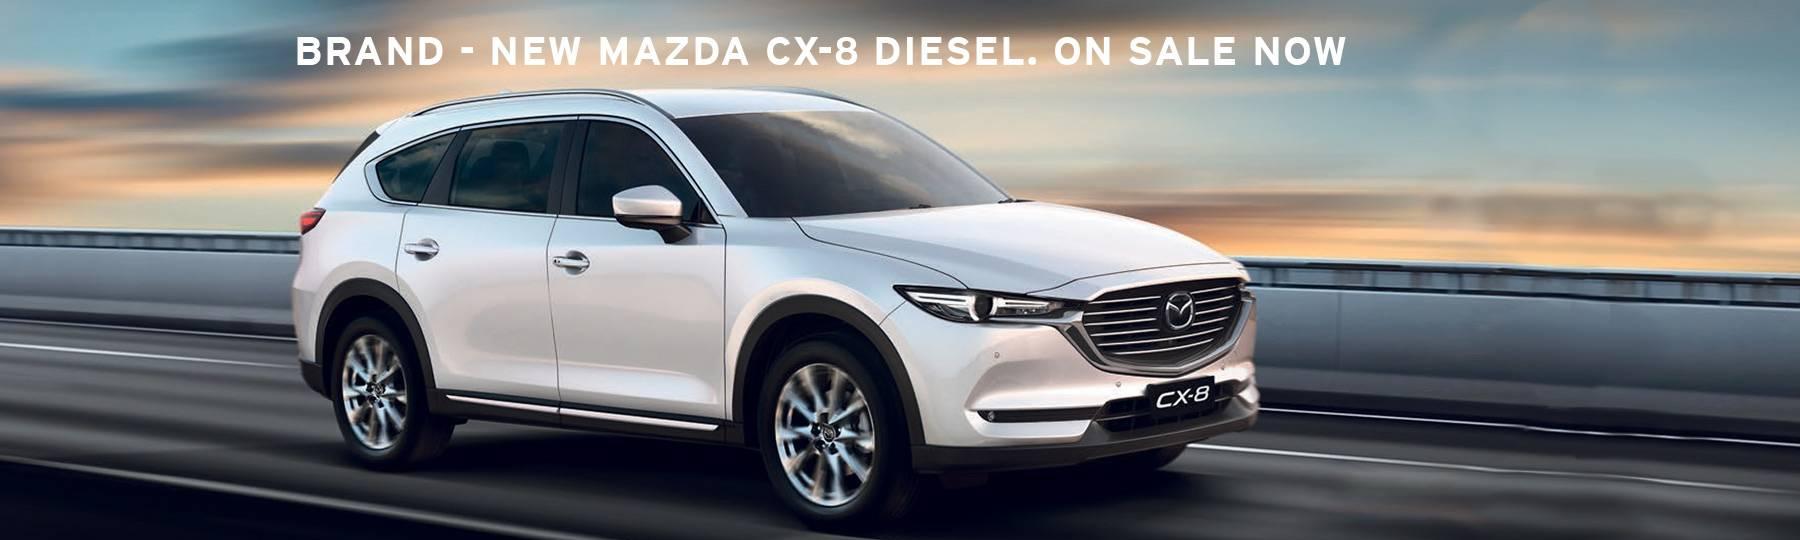 Mazda CX-8 Diesel